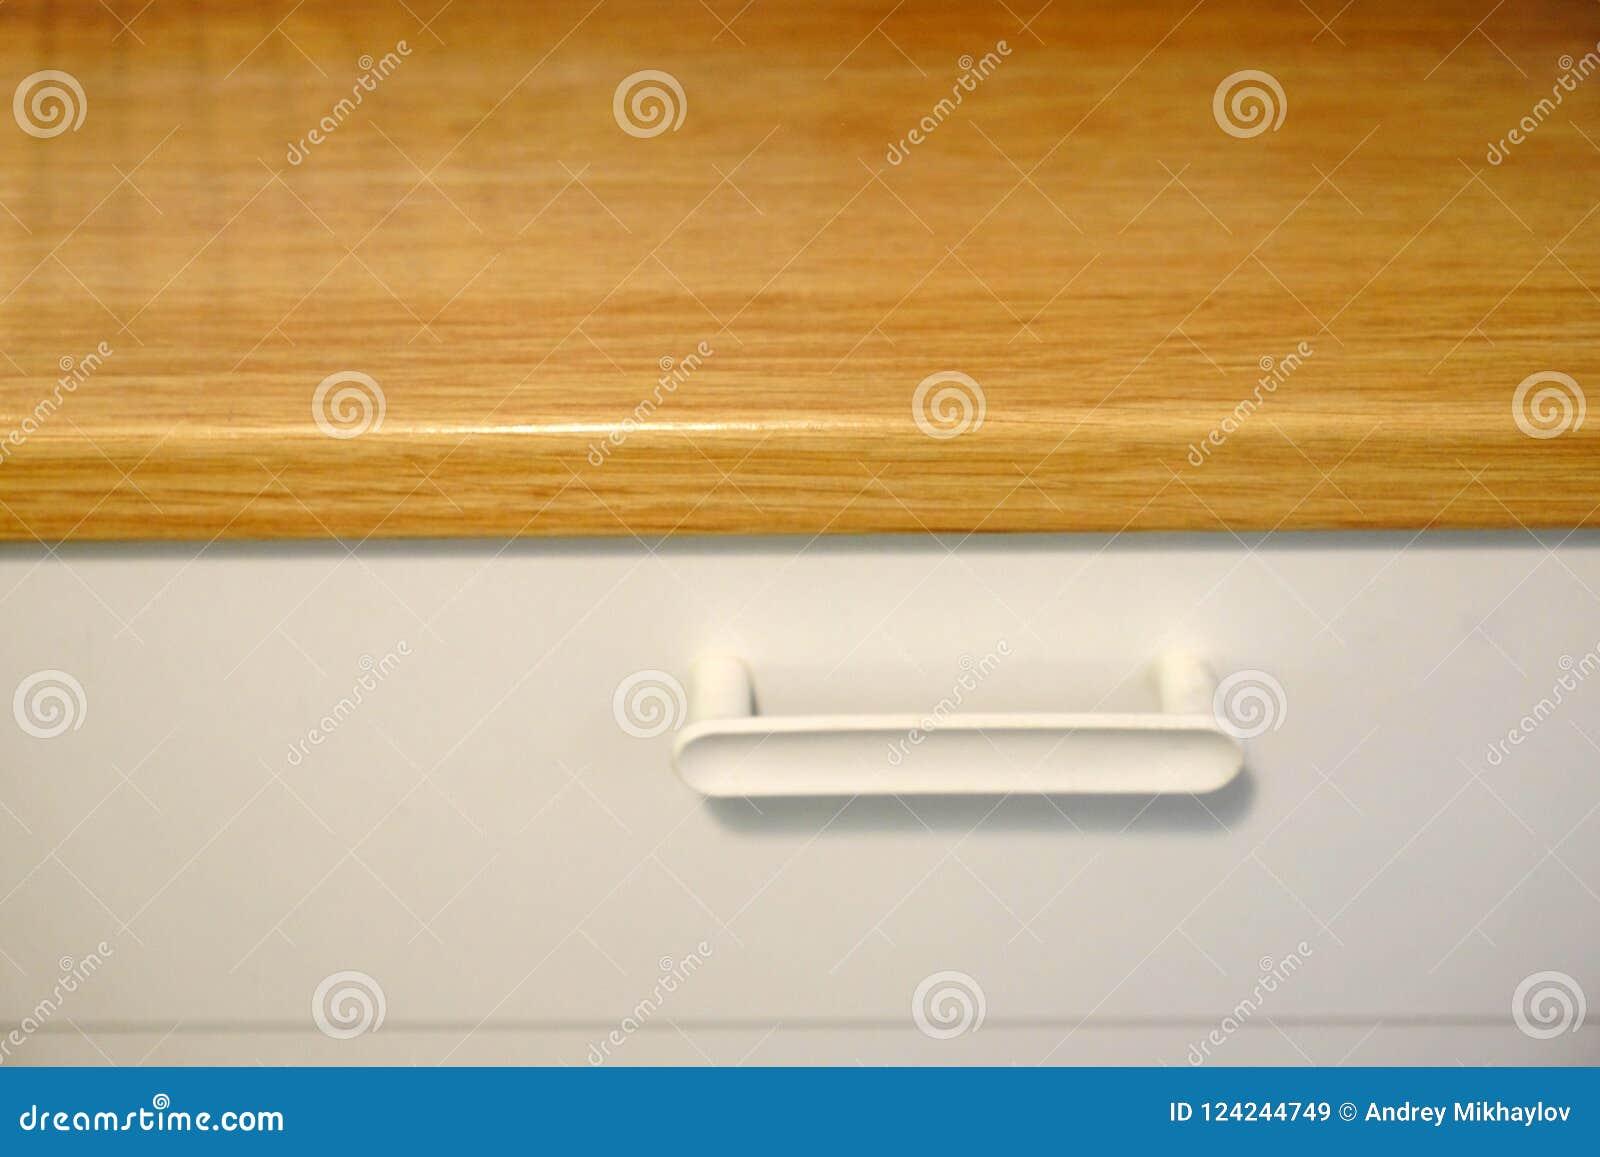 Stilvolle und elegante Küchenarbeitsplatte